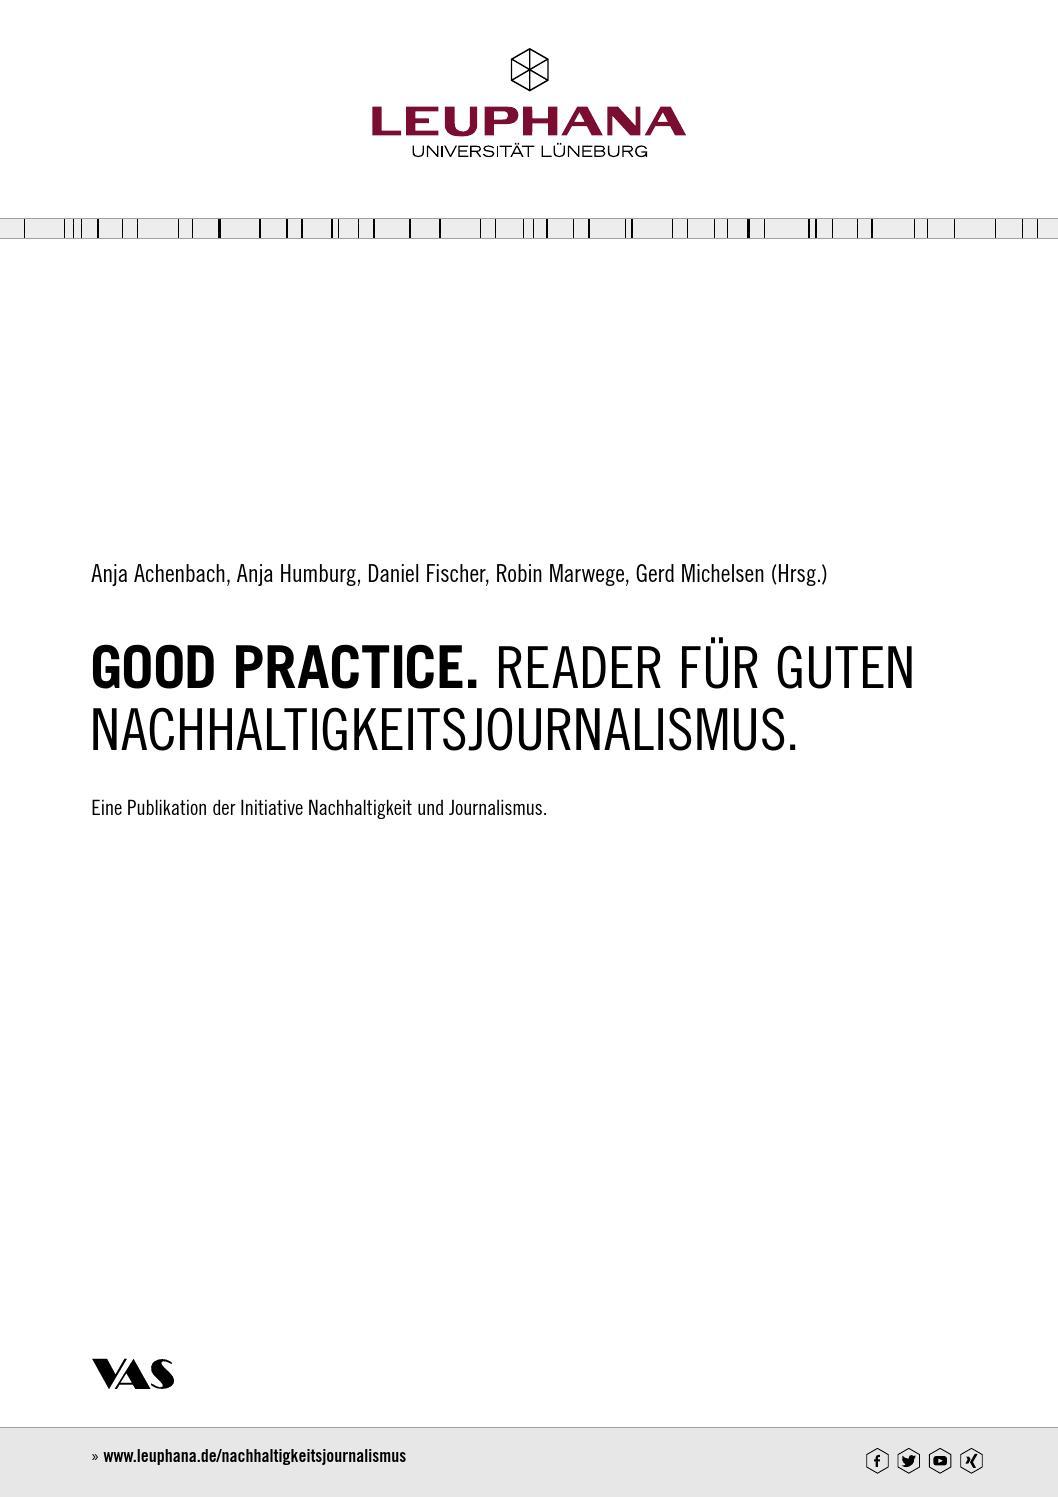 Good Practice Reader Fur Guten Nachhaltigkeitsjournalismus By